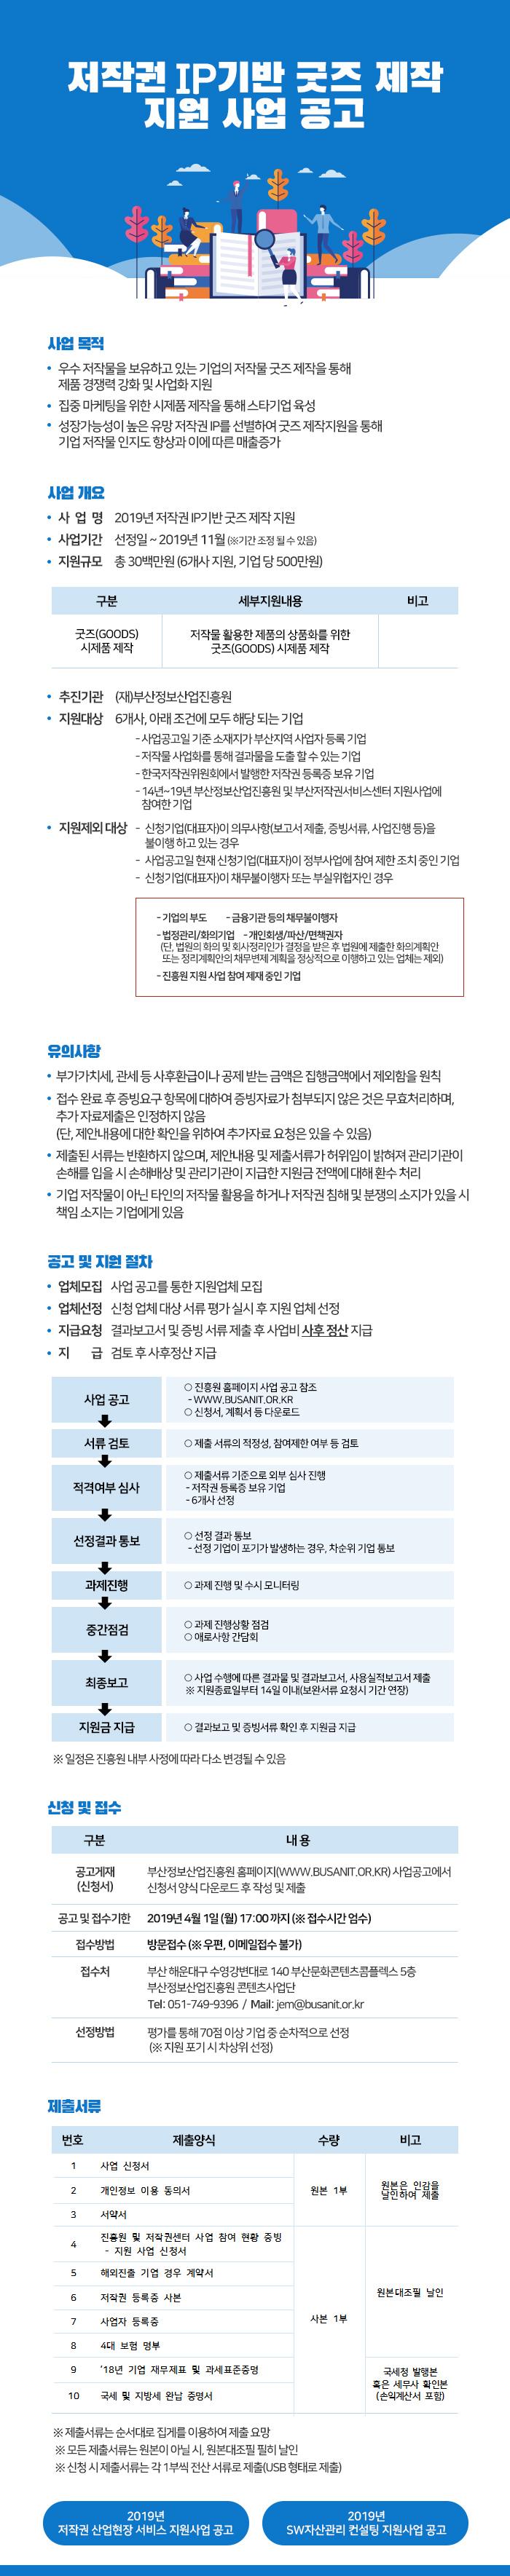 2019 저작권 IP기반 굿즈 제작 지원 사업 공고